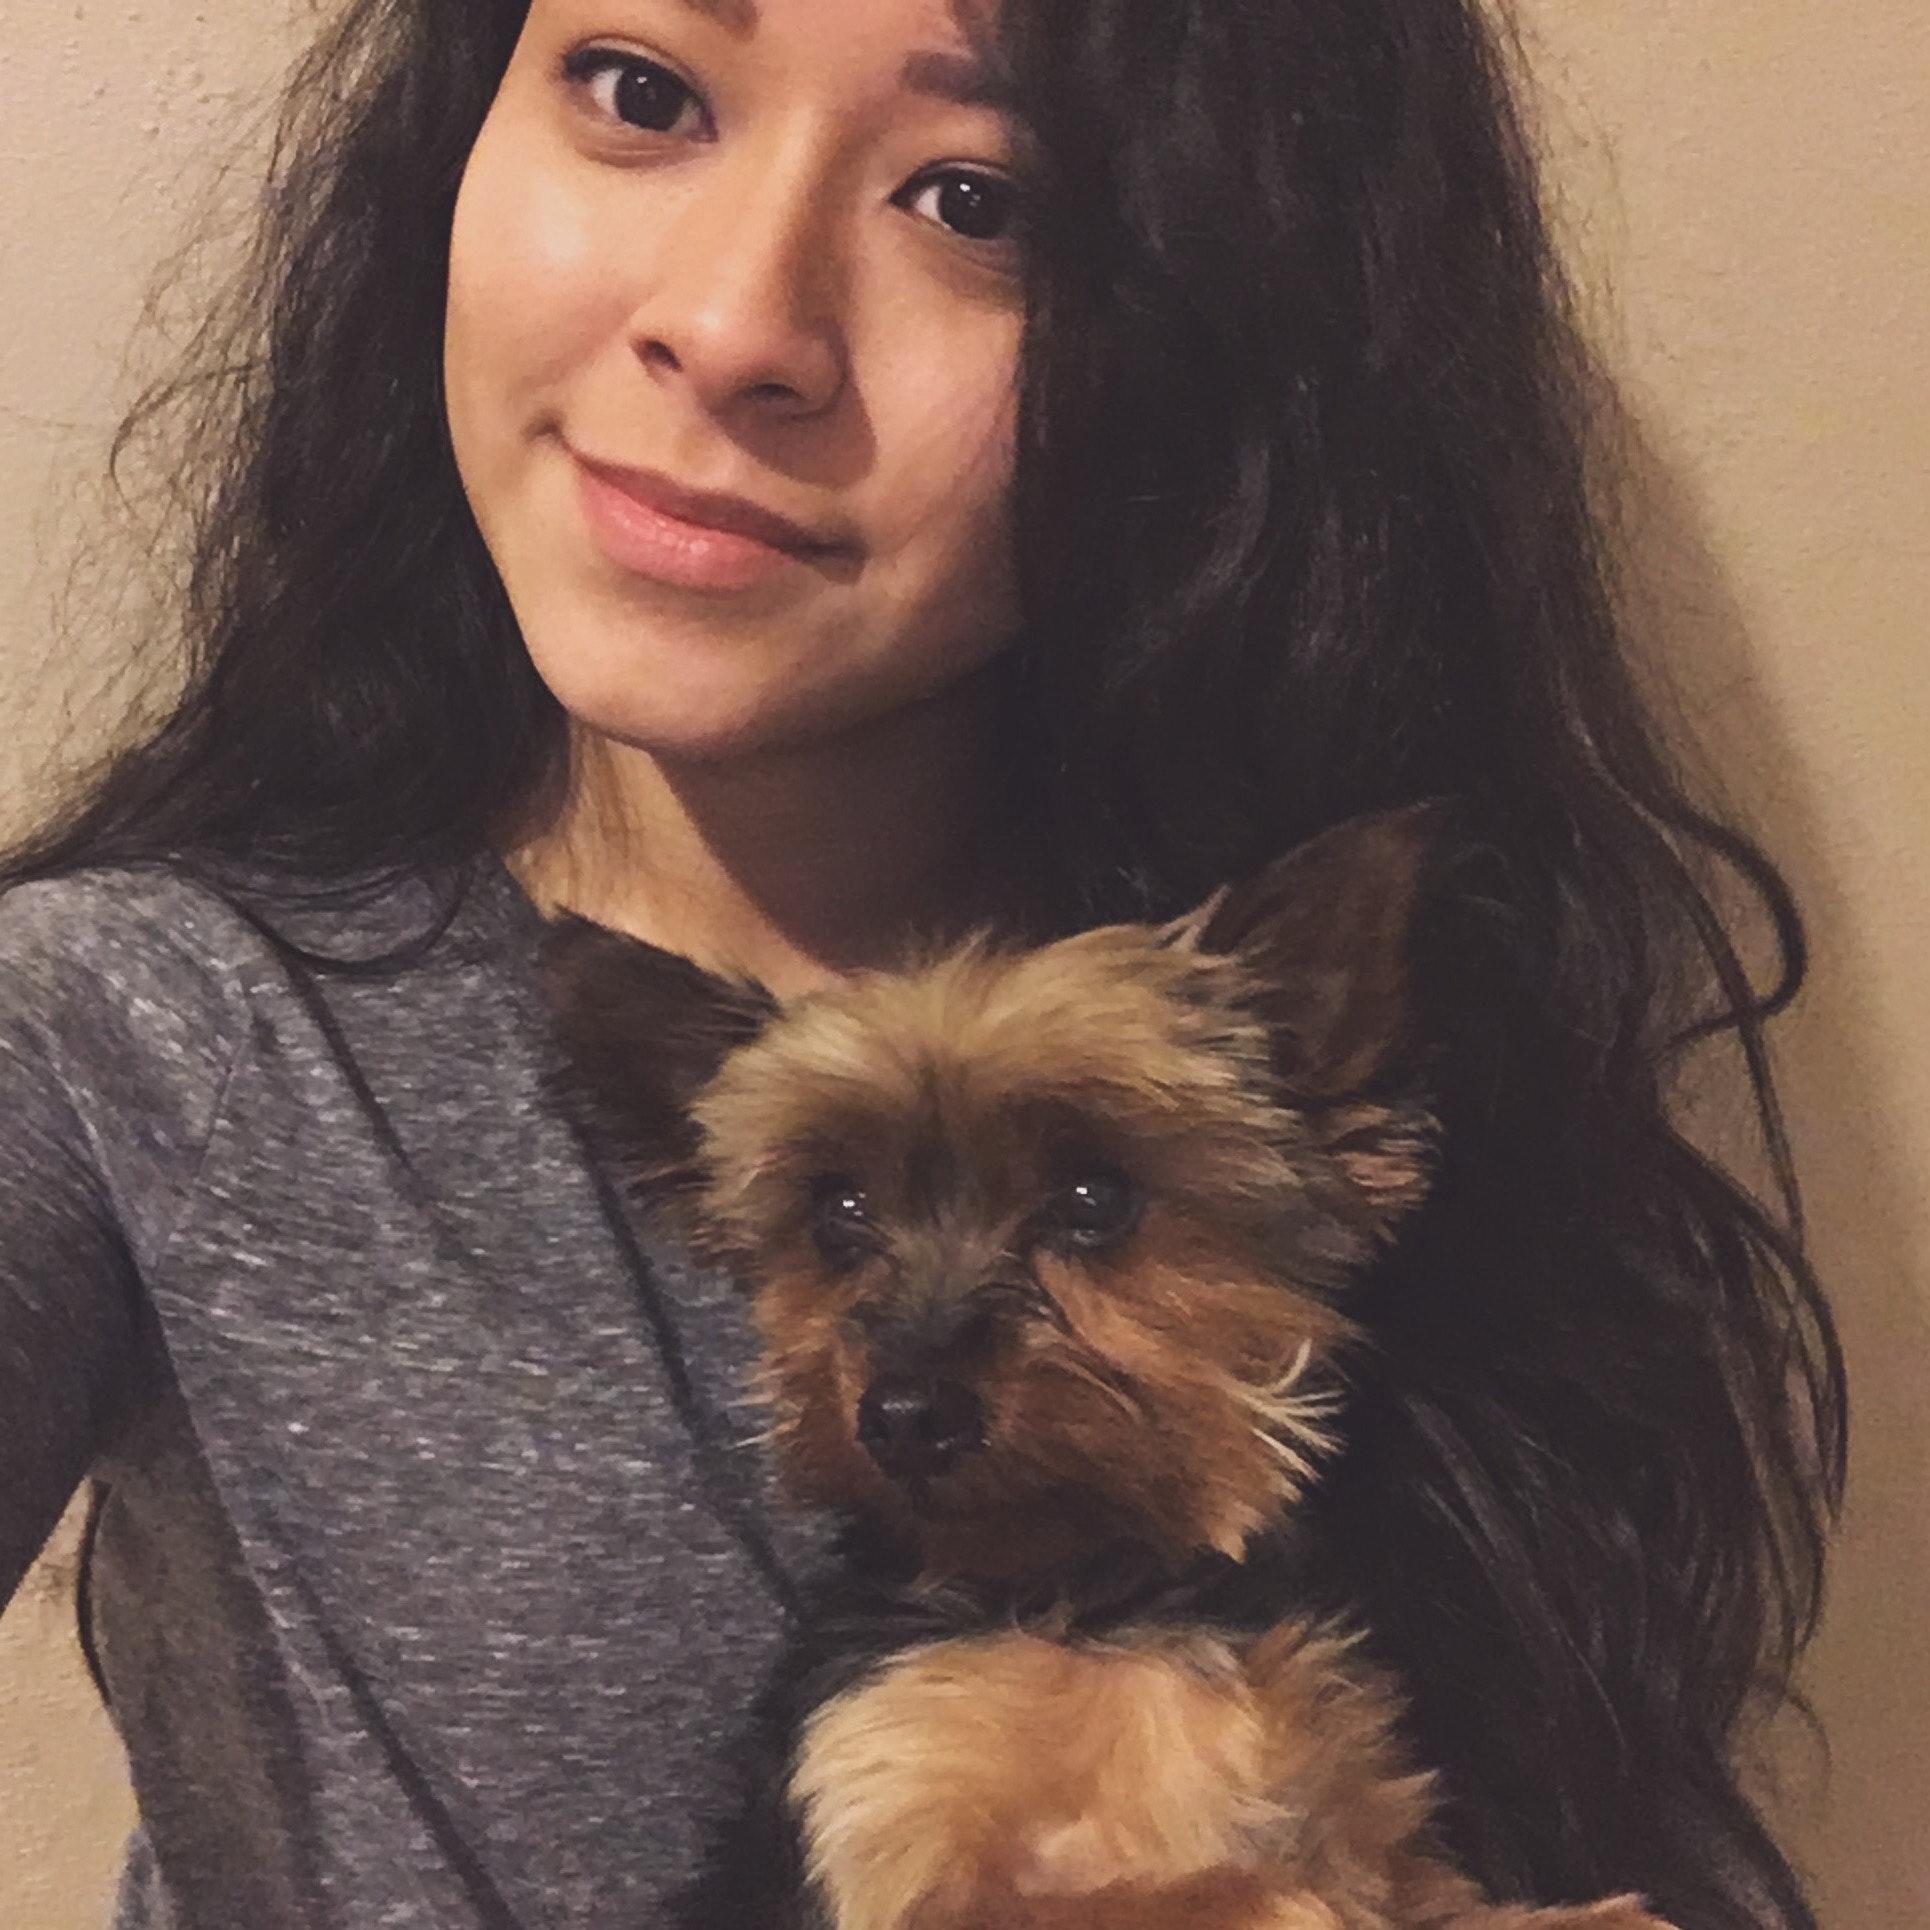 Selena's dog boarding